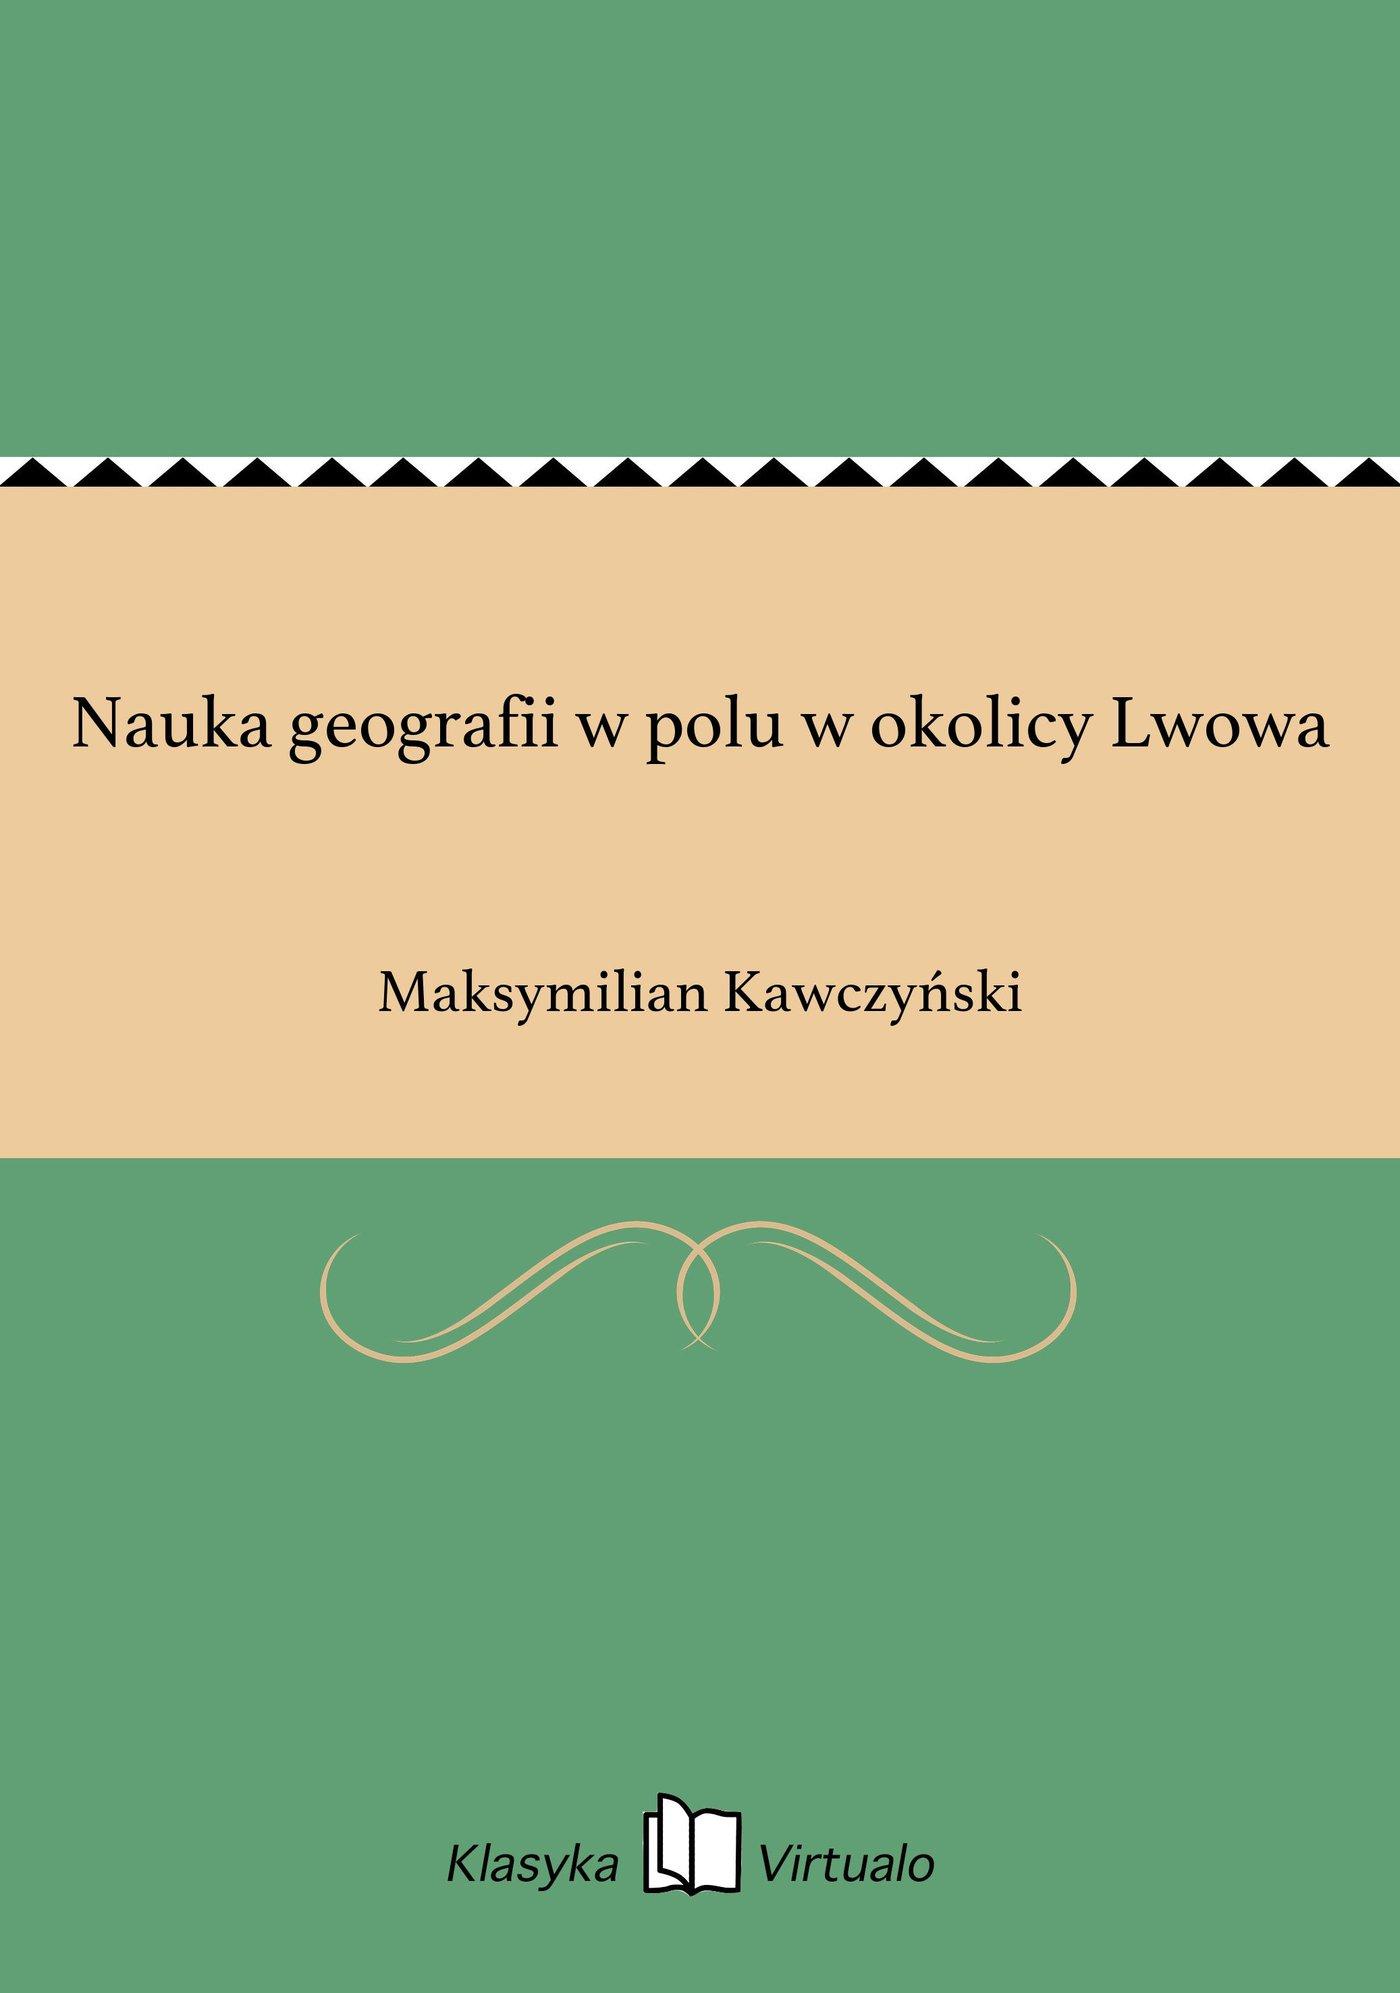 Nauka geografii w polu w okolicy Lwowa - Ebook (Książka EPUB) do pobrania w formacie EPUB